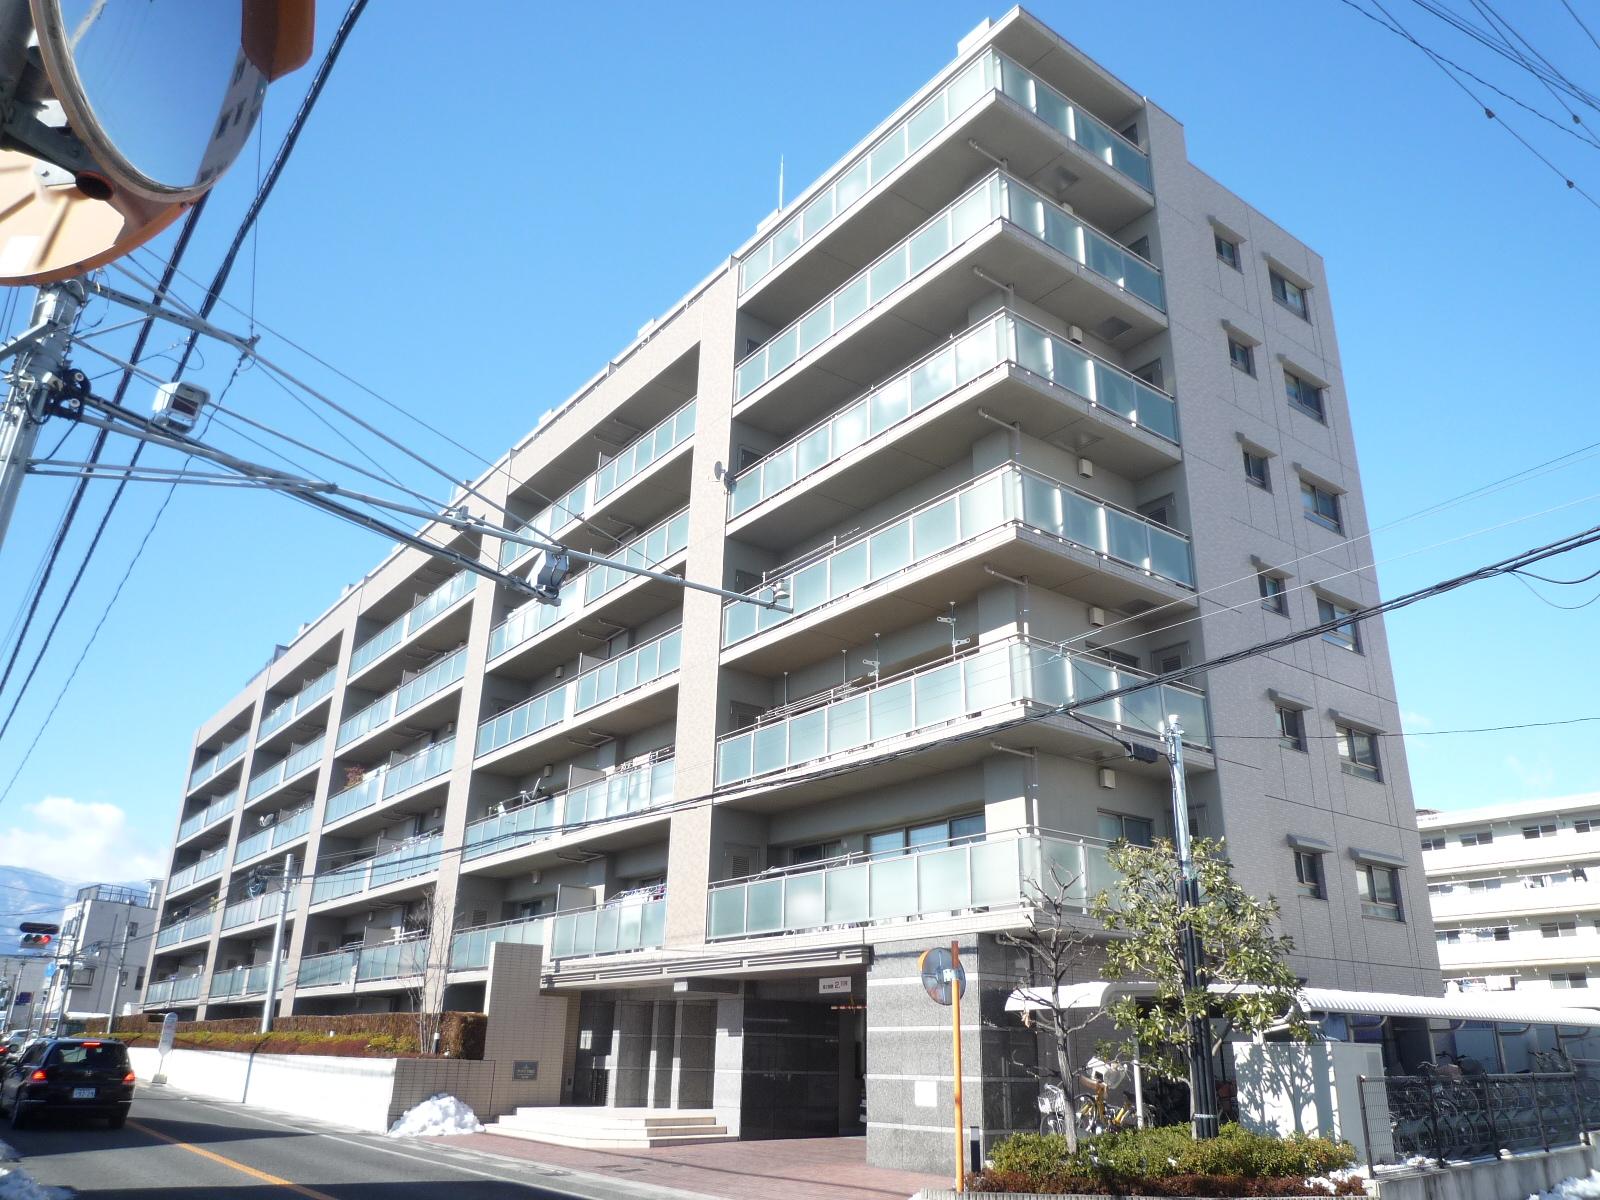 サーパス下飯田 甲府のマンション買取りアイディーホーム